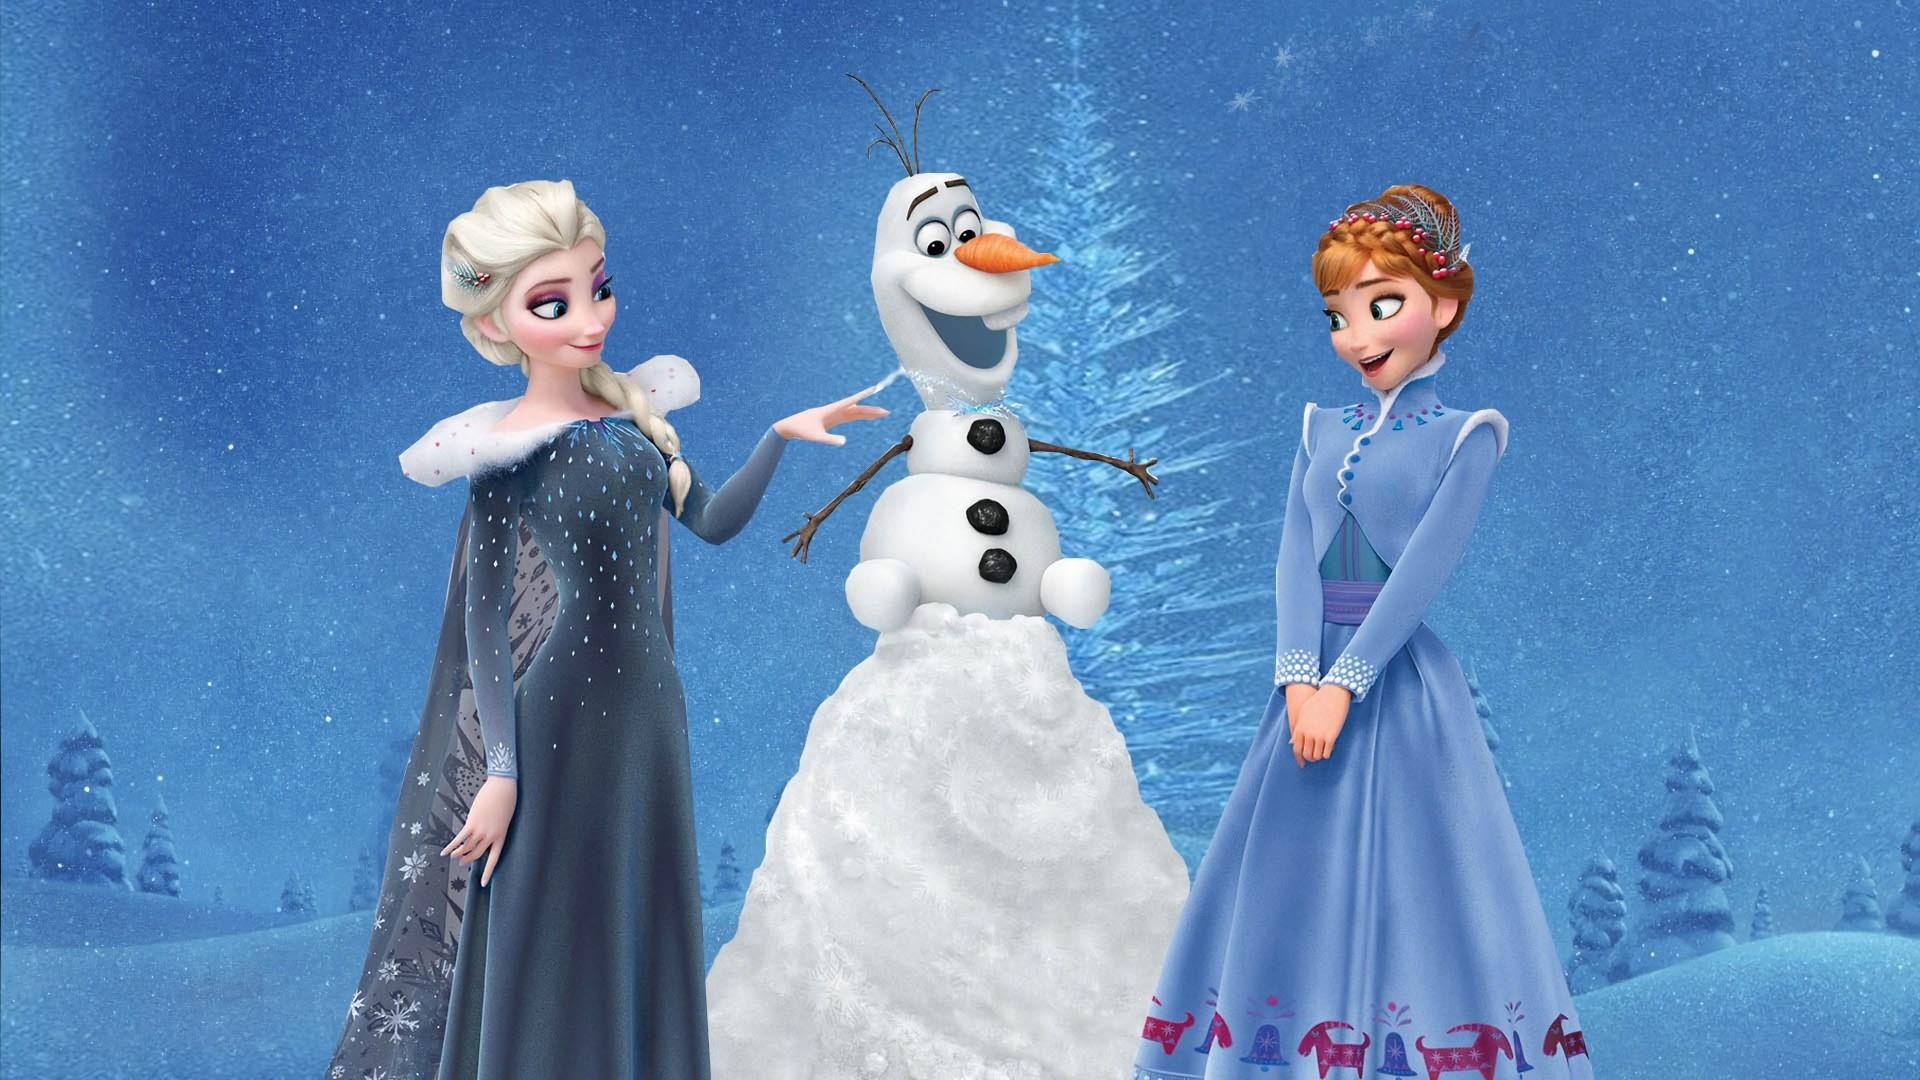 Frozen 2 Free Wallpaper